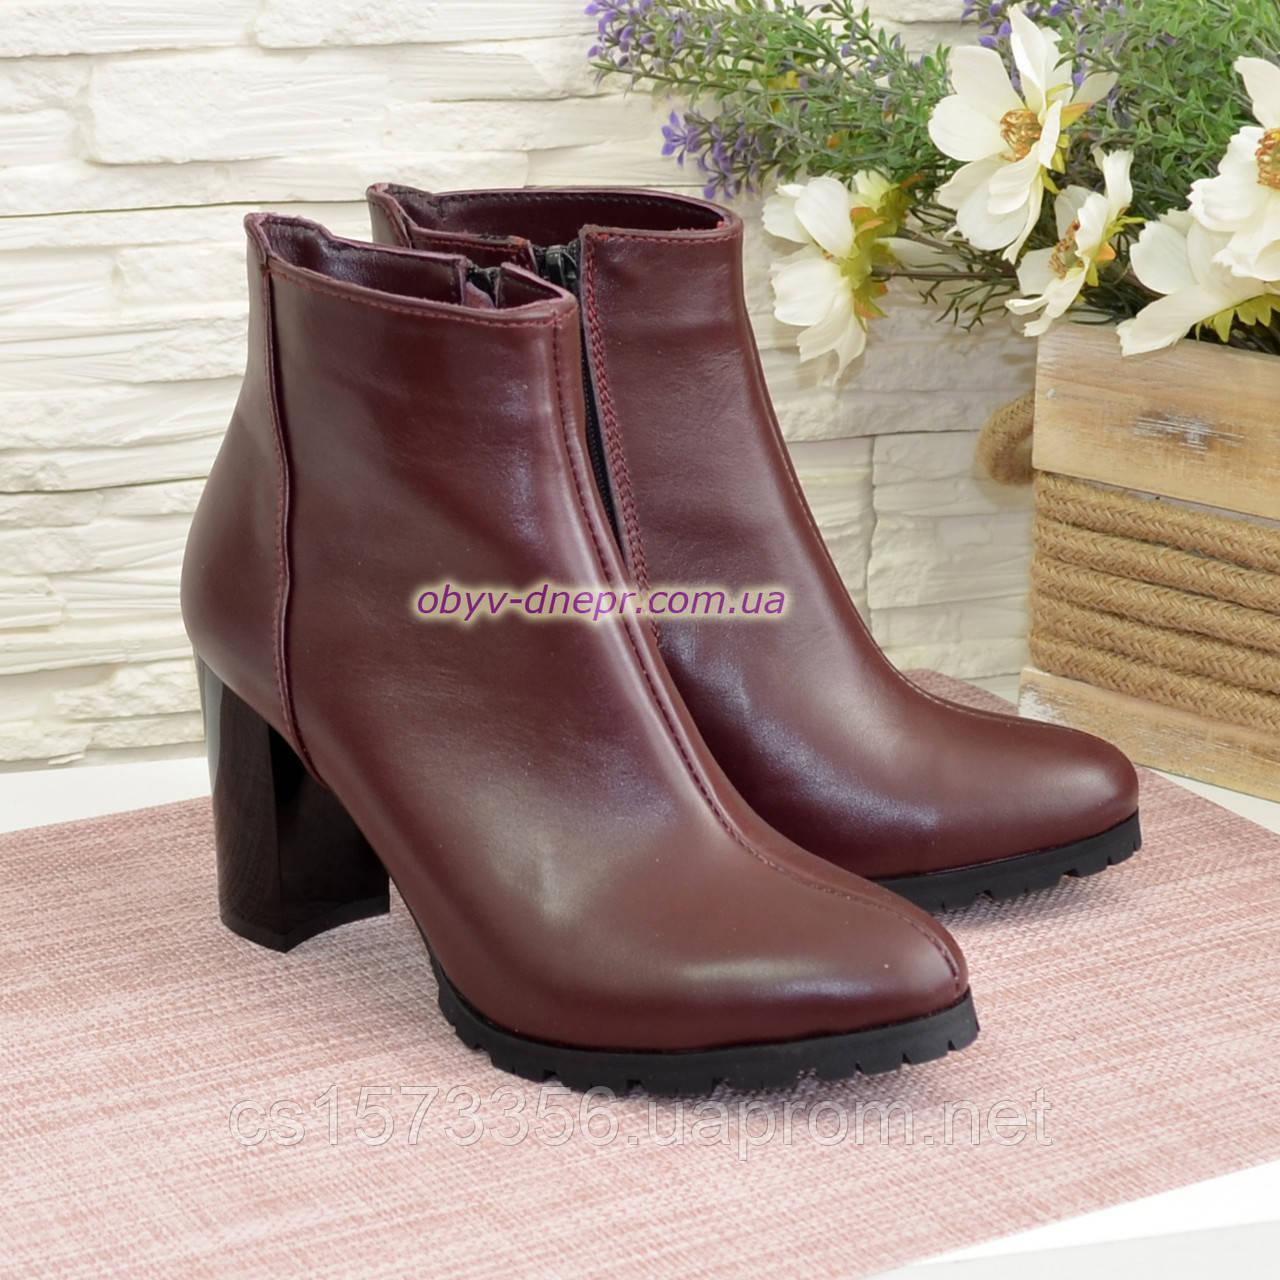 Ботинки женские зимние кожаные на устойчивом каблуке, цвет бордо